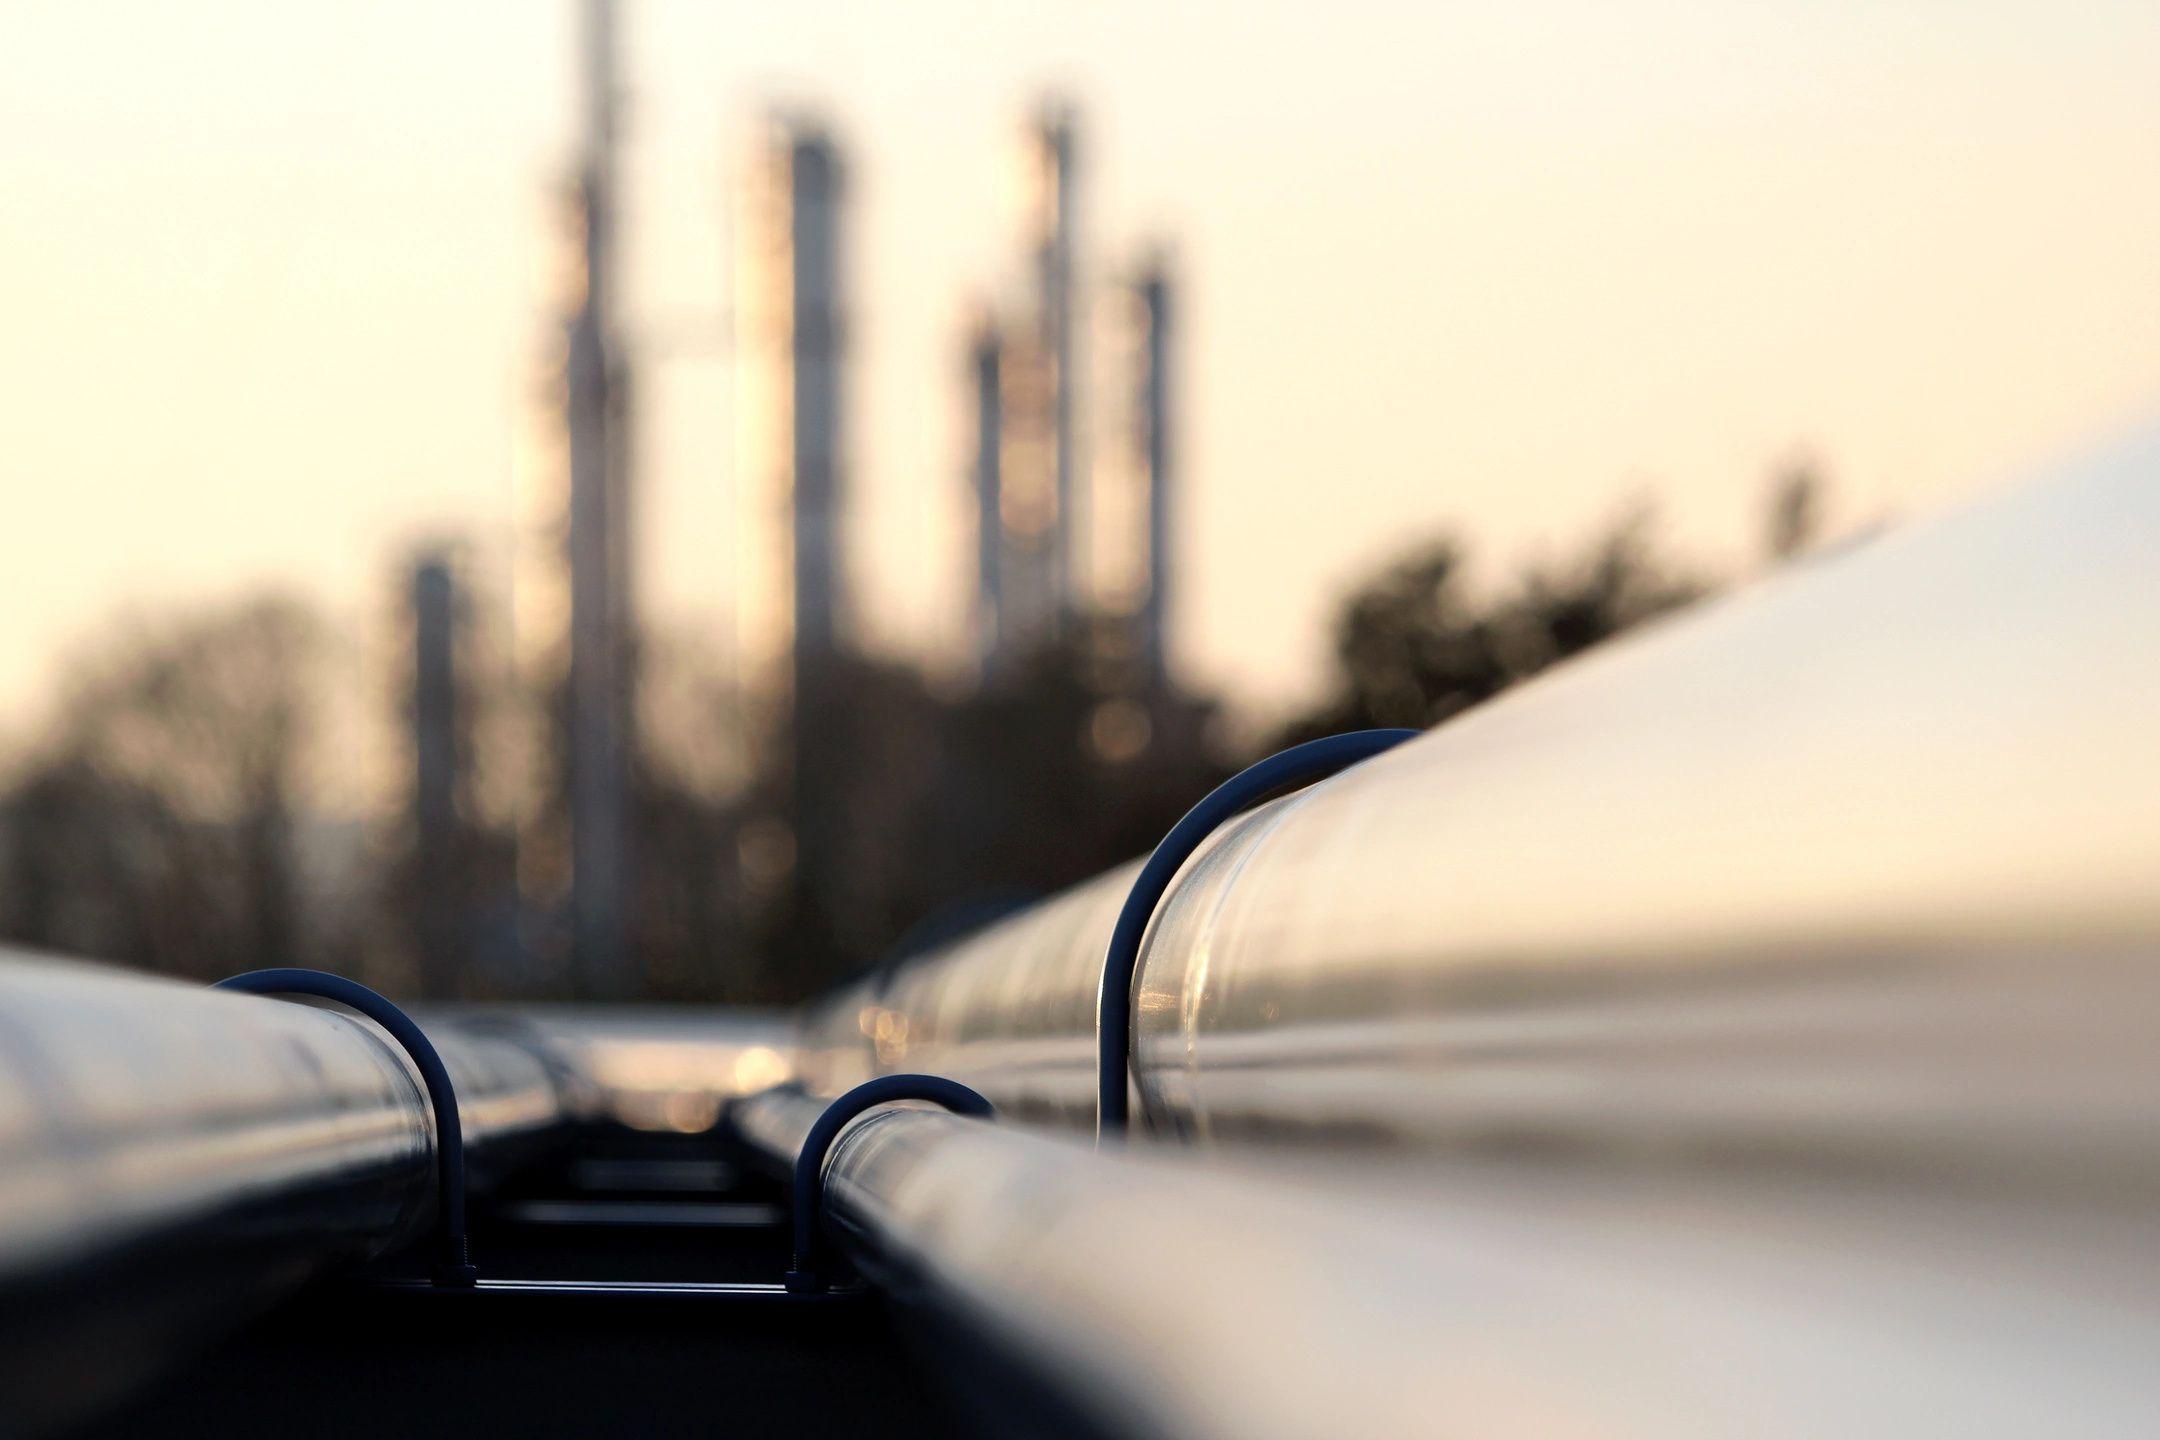 Pipeline Focus